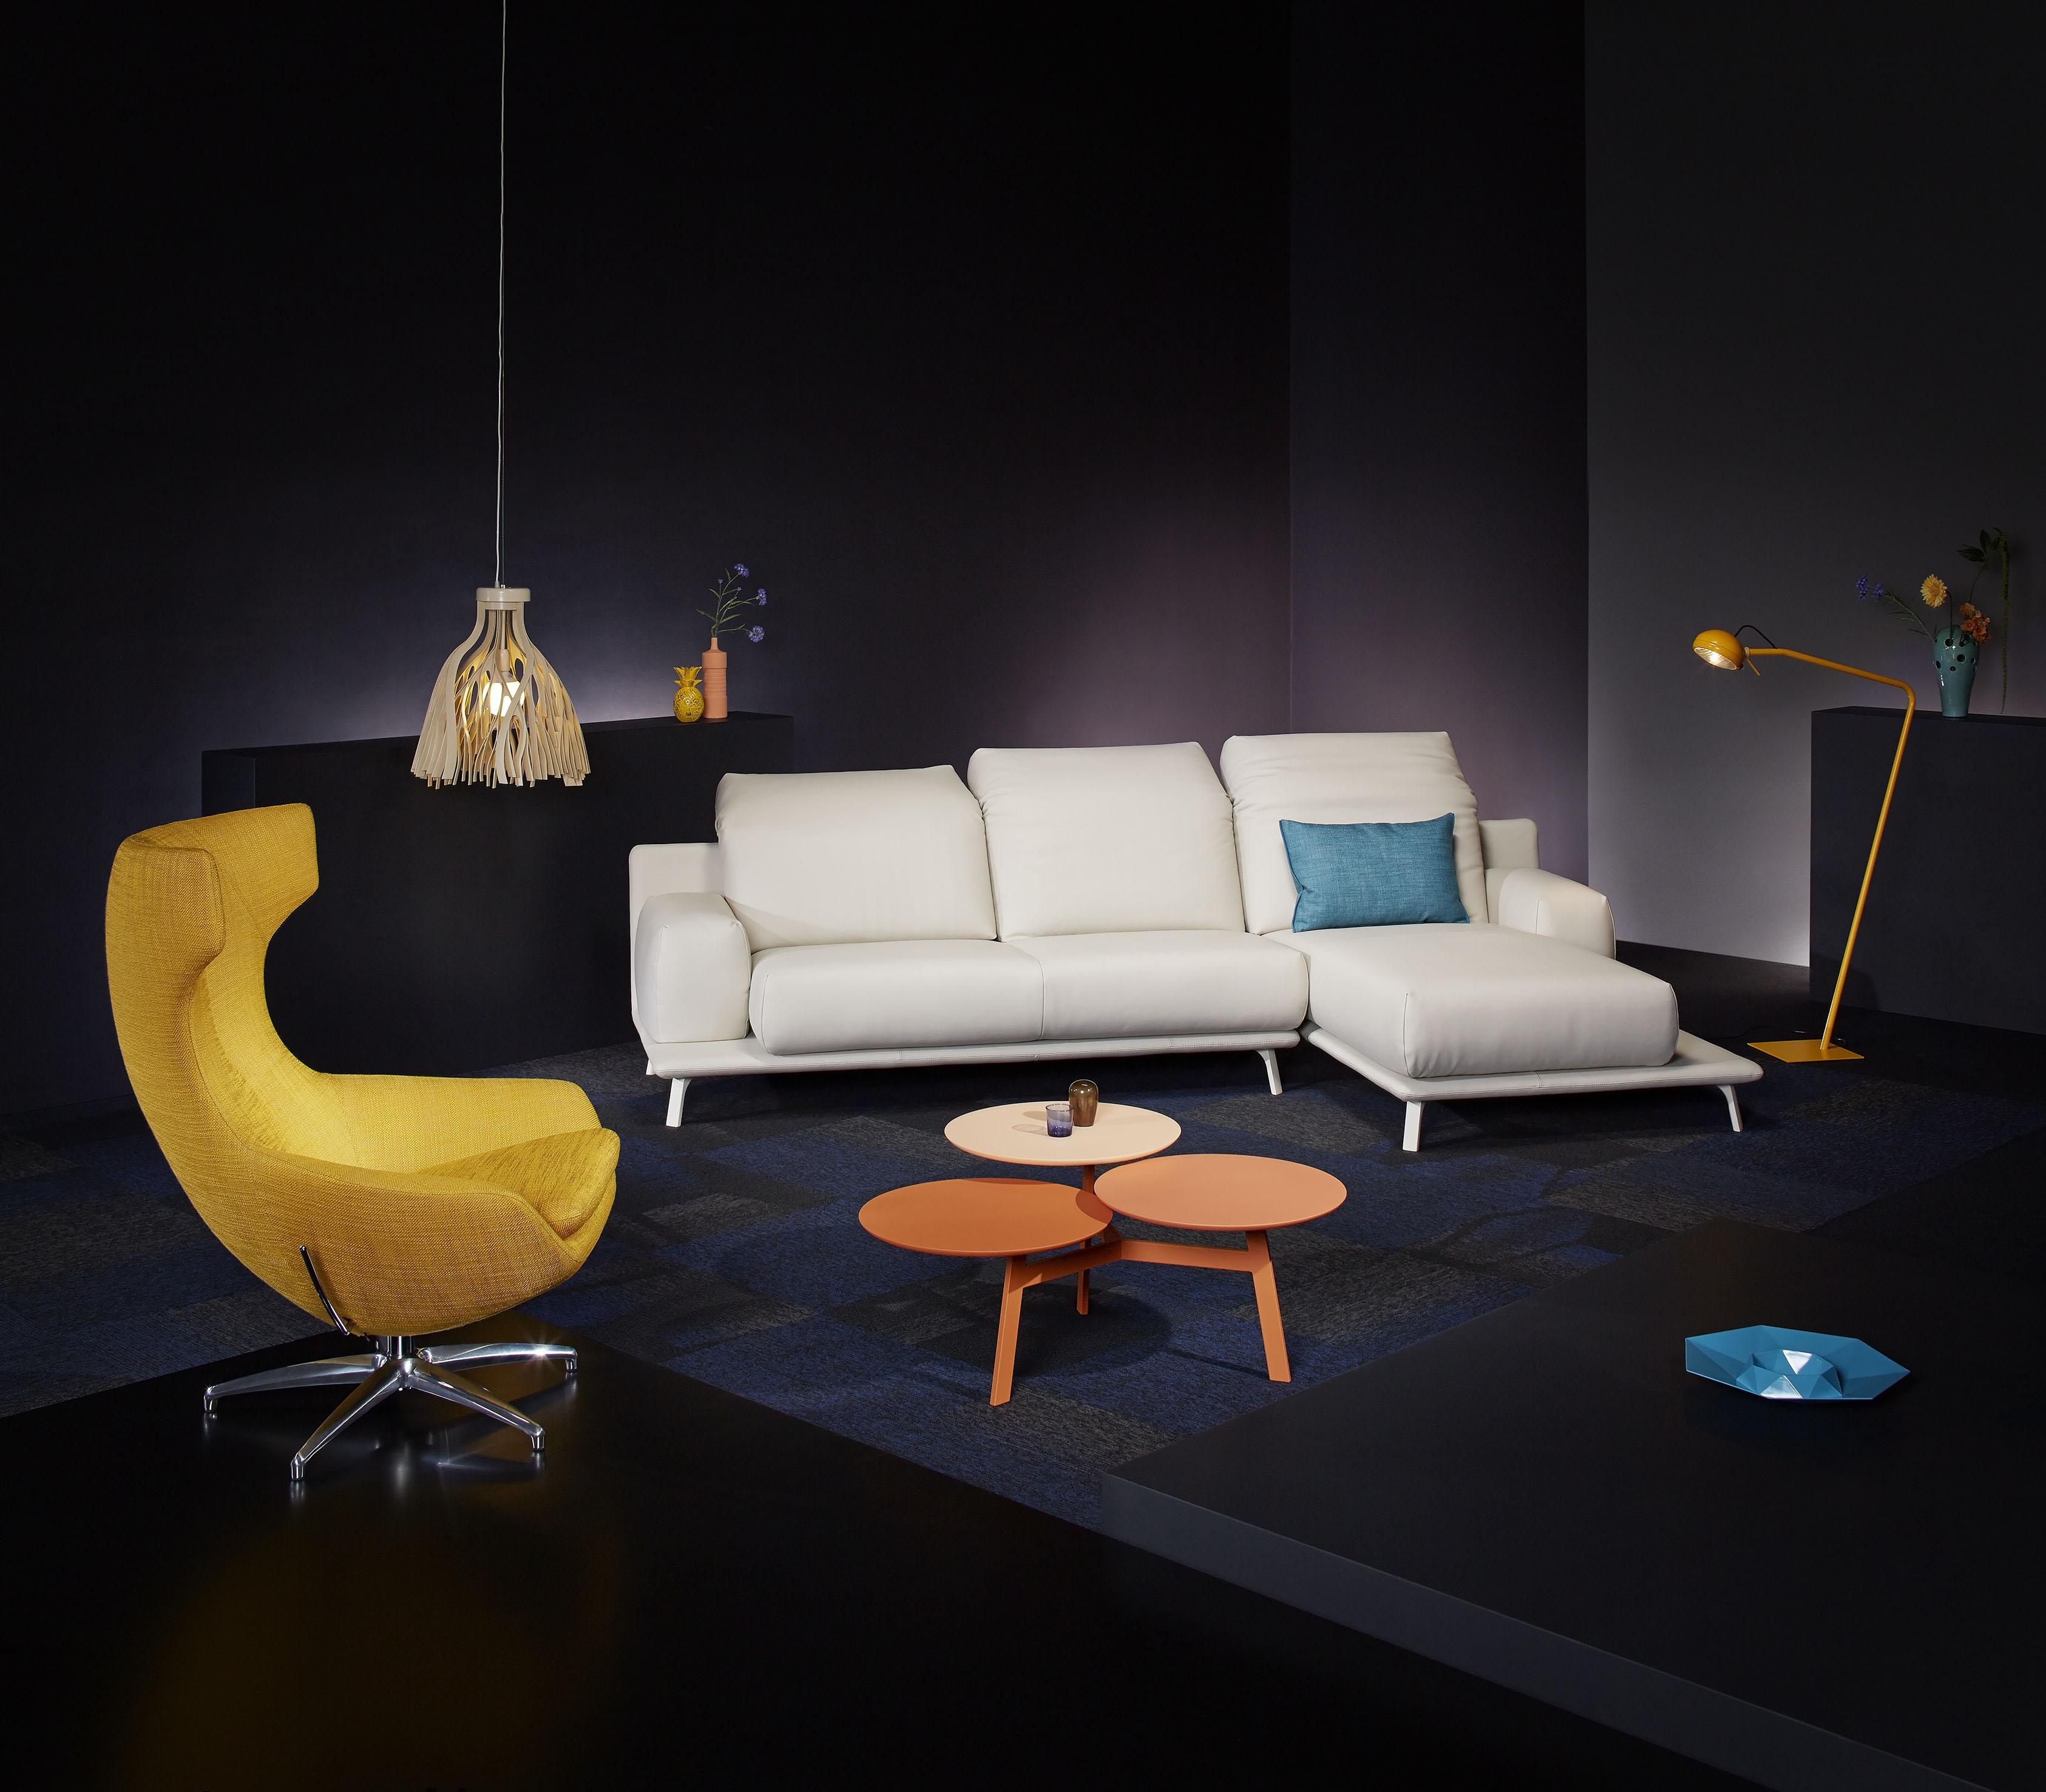 Die Beiden Brüder Entscheiden Sich Für Eine Moderne Linie, Inspiriert Vom  Dänischen Und Italienischen Design. Die Modernen Möbel Erhalten Den Namen  Leolux: ...